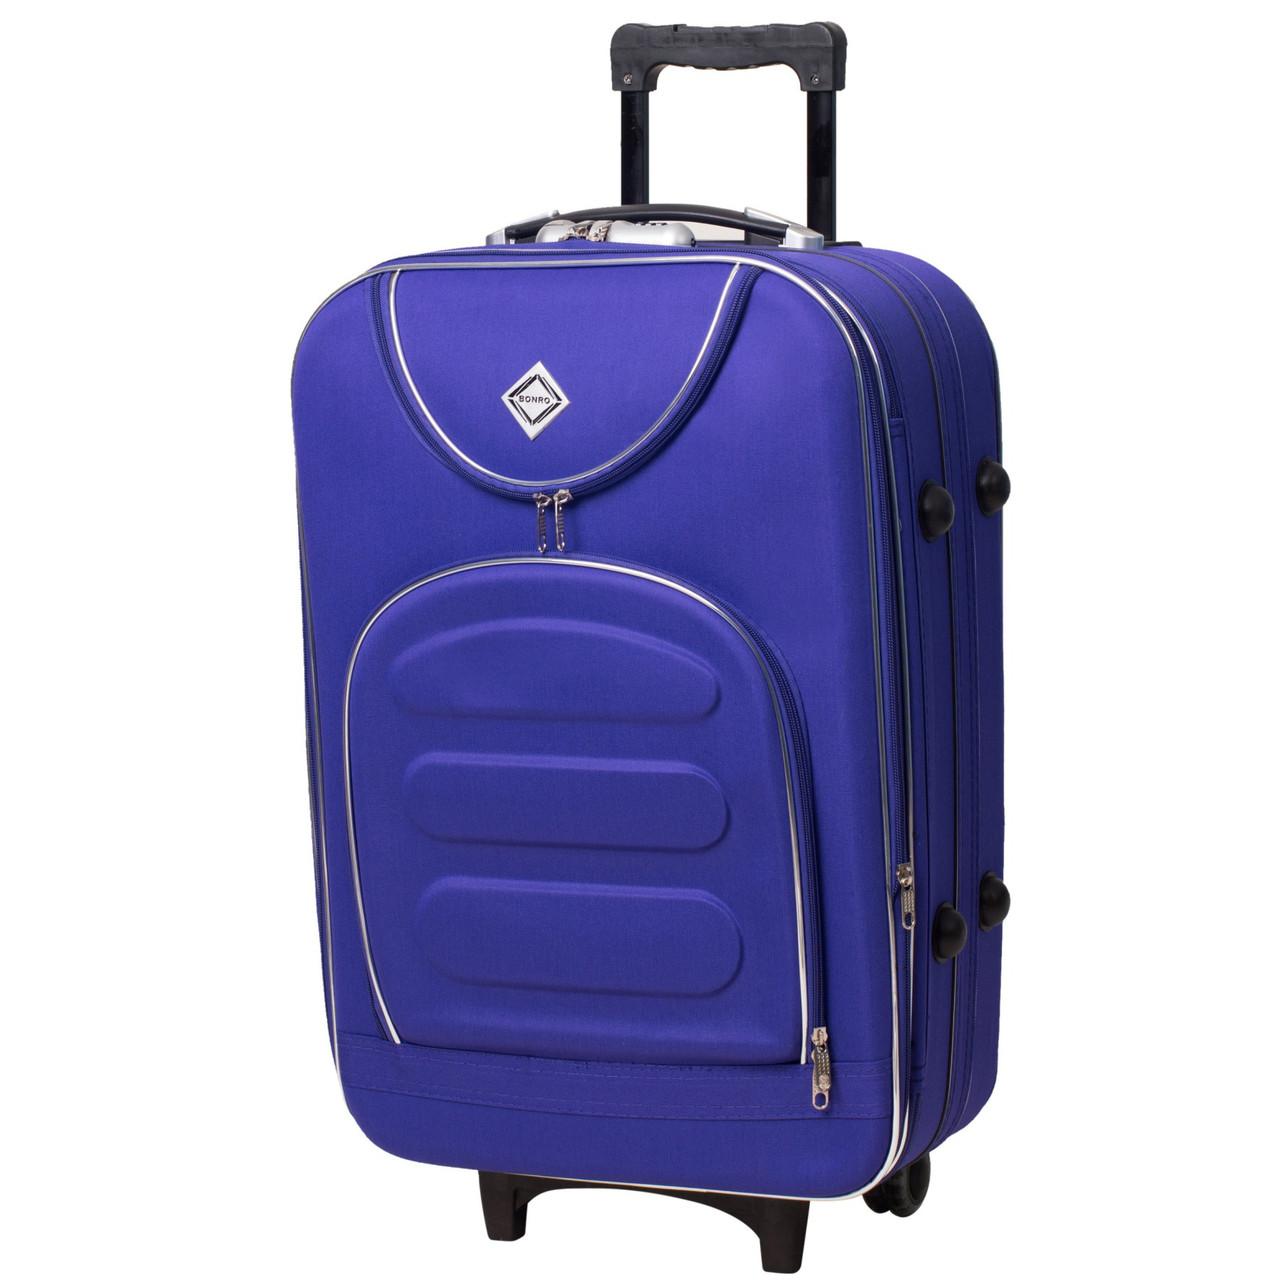 16d6320e51b4 Маленький чемодан на колесах Bonro Lux фиолетовый - Интернет магазин Lisbag  в Умани